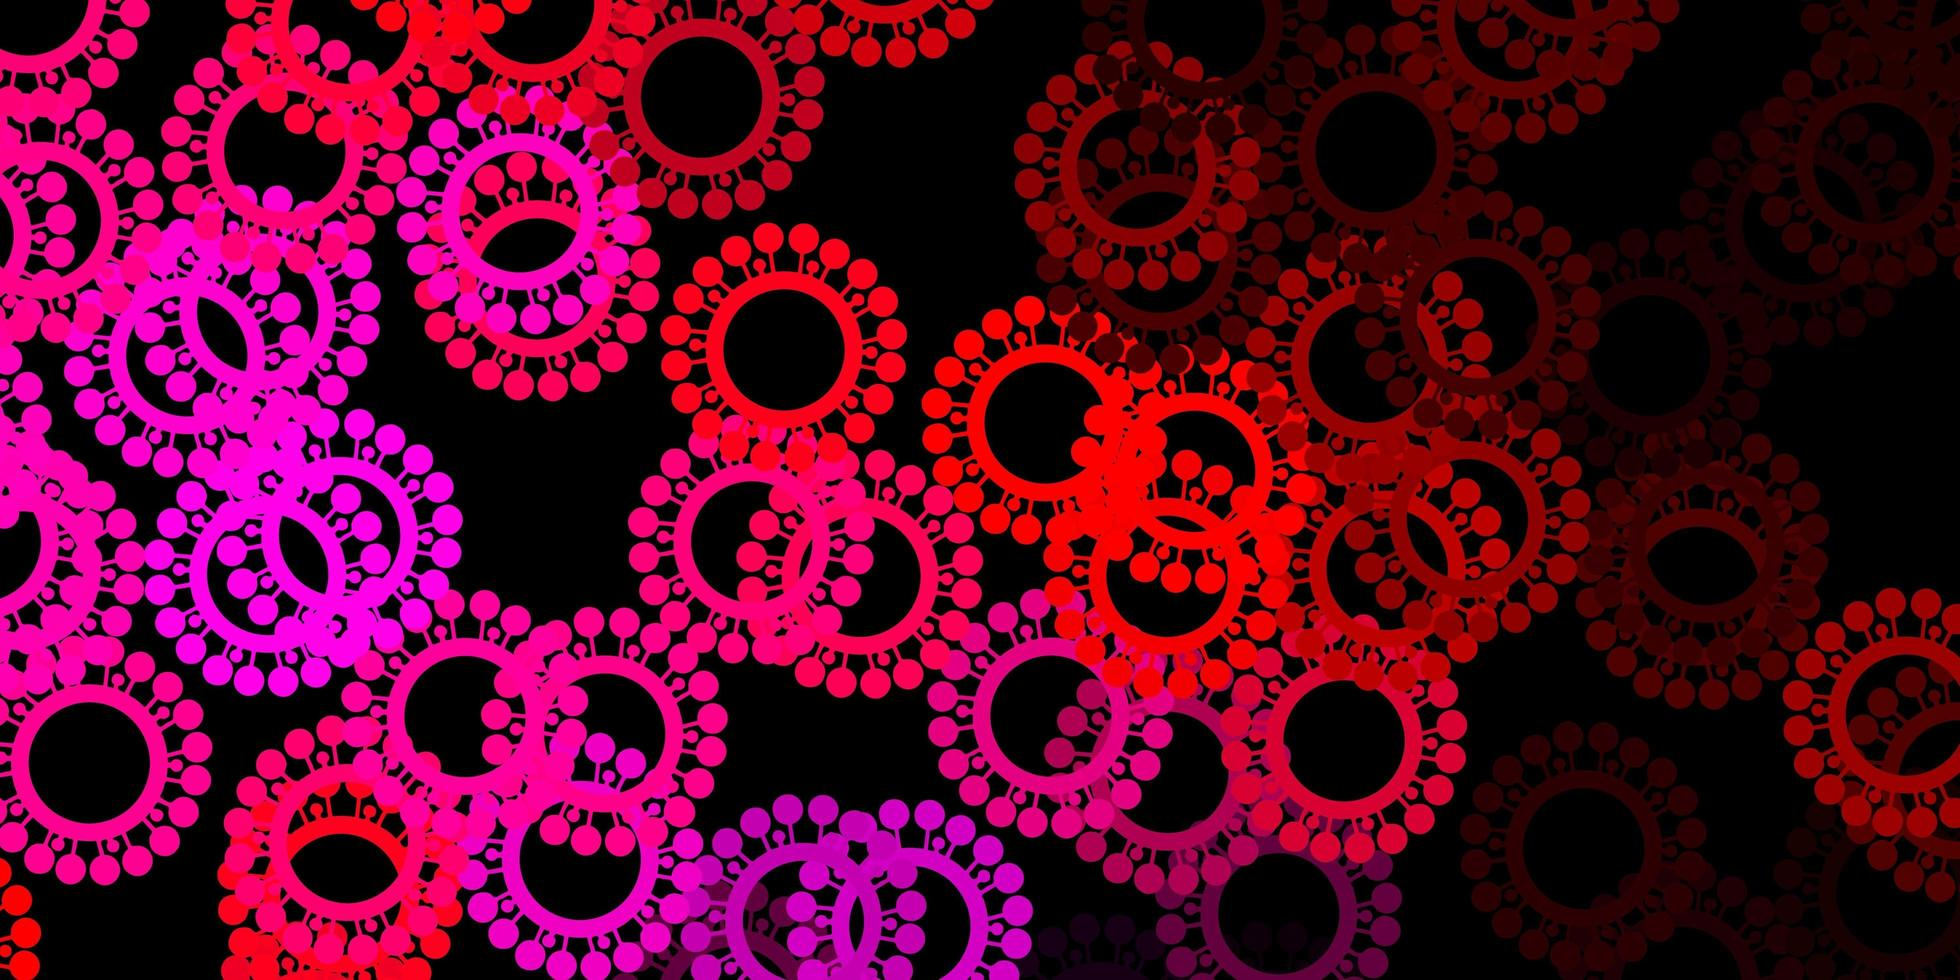 mörk lila, rosa vektormall med influensatecken vektor